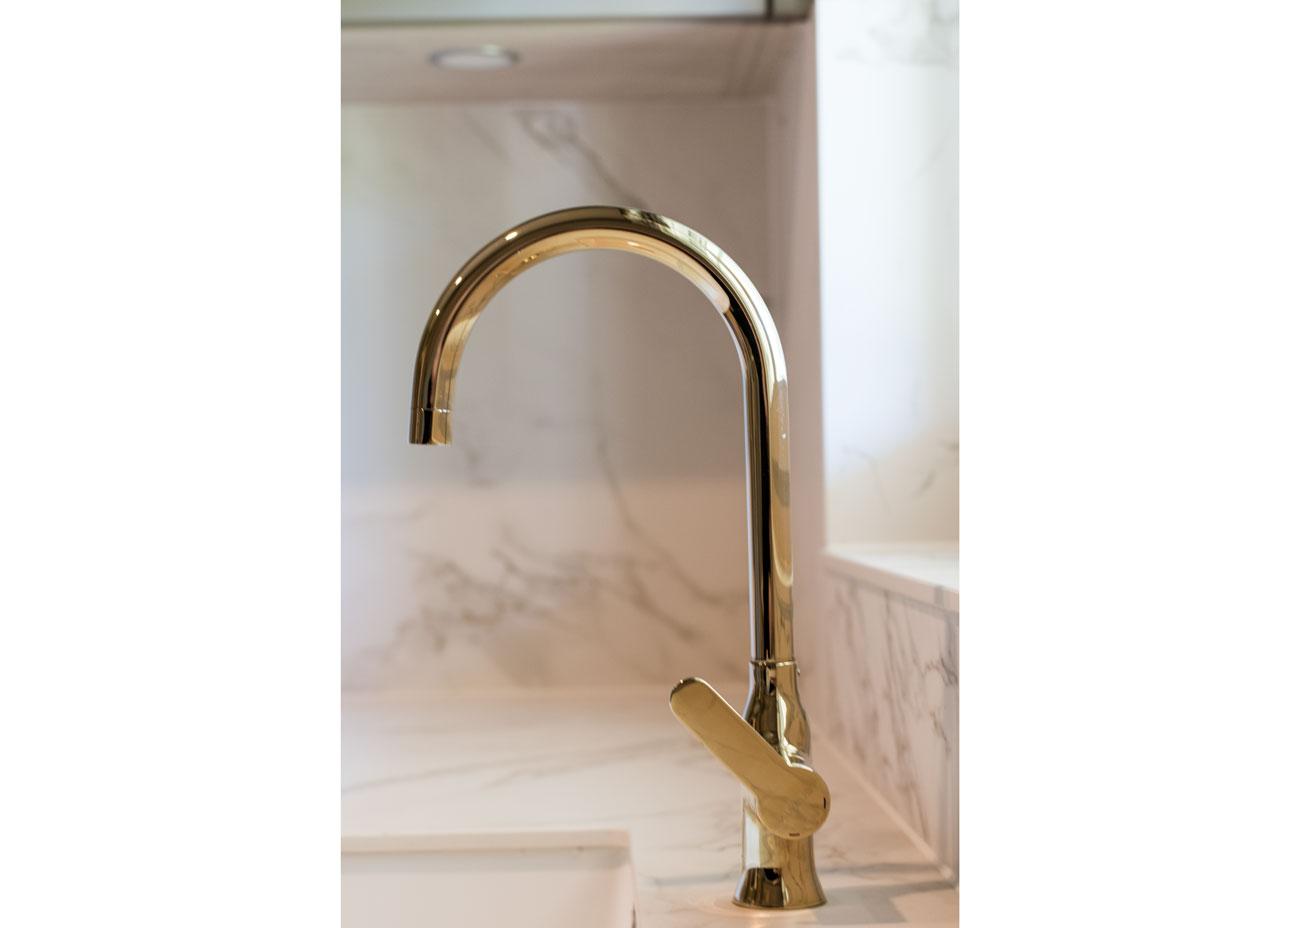 Haus renovierung ideen küche wasserhahn gold marmor platte